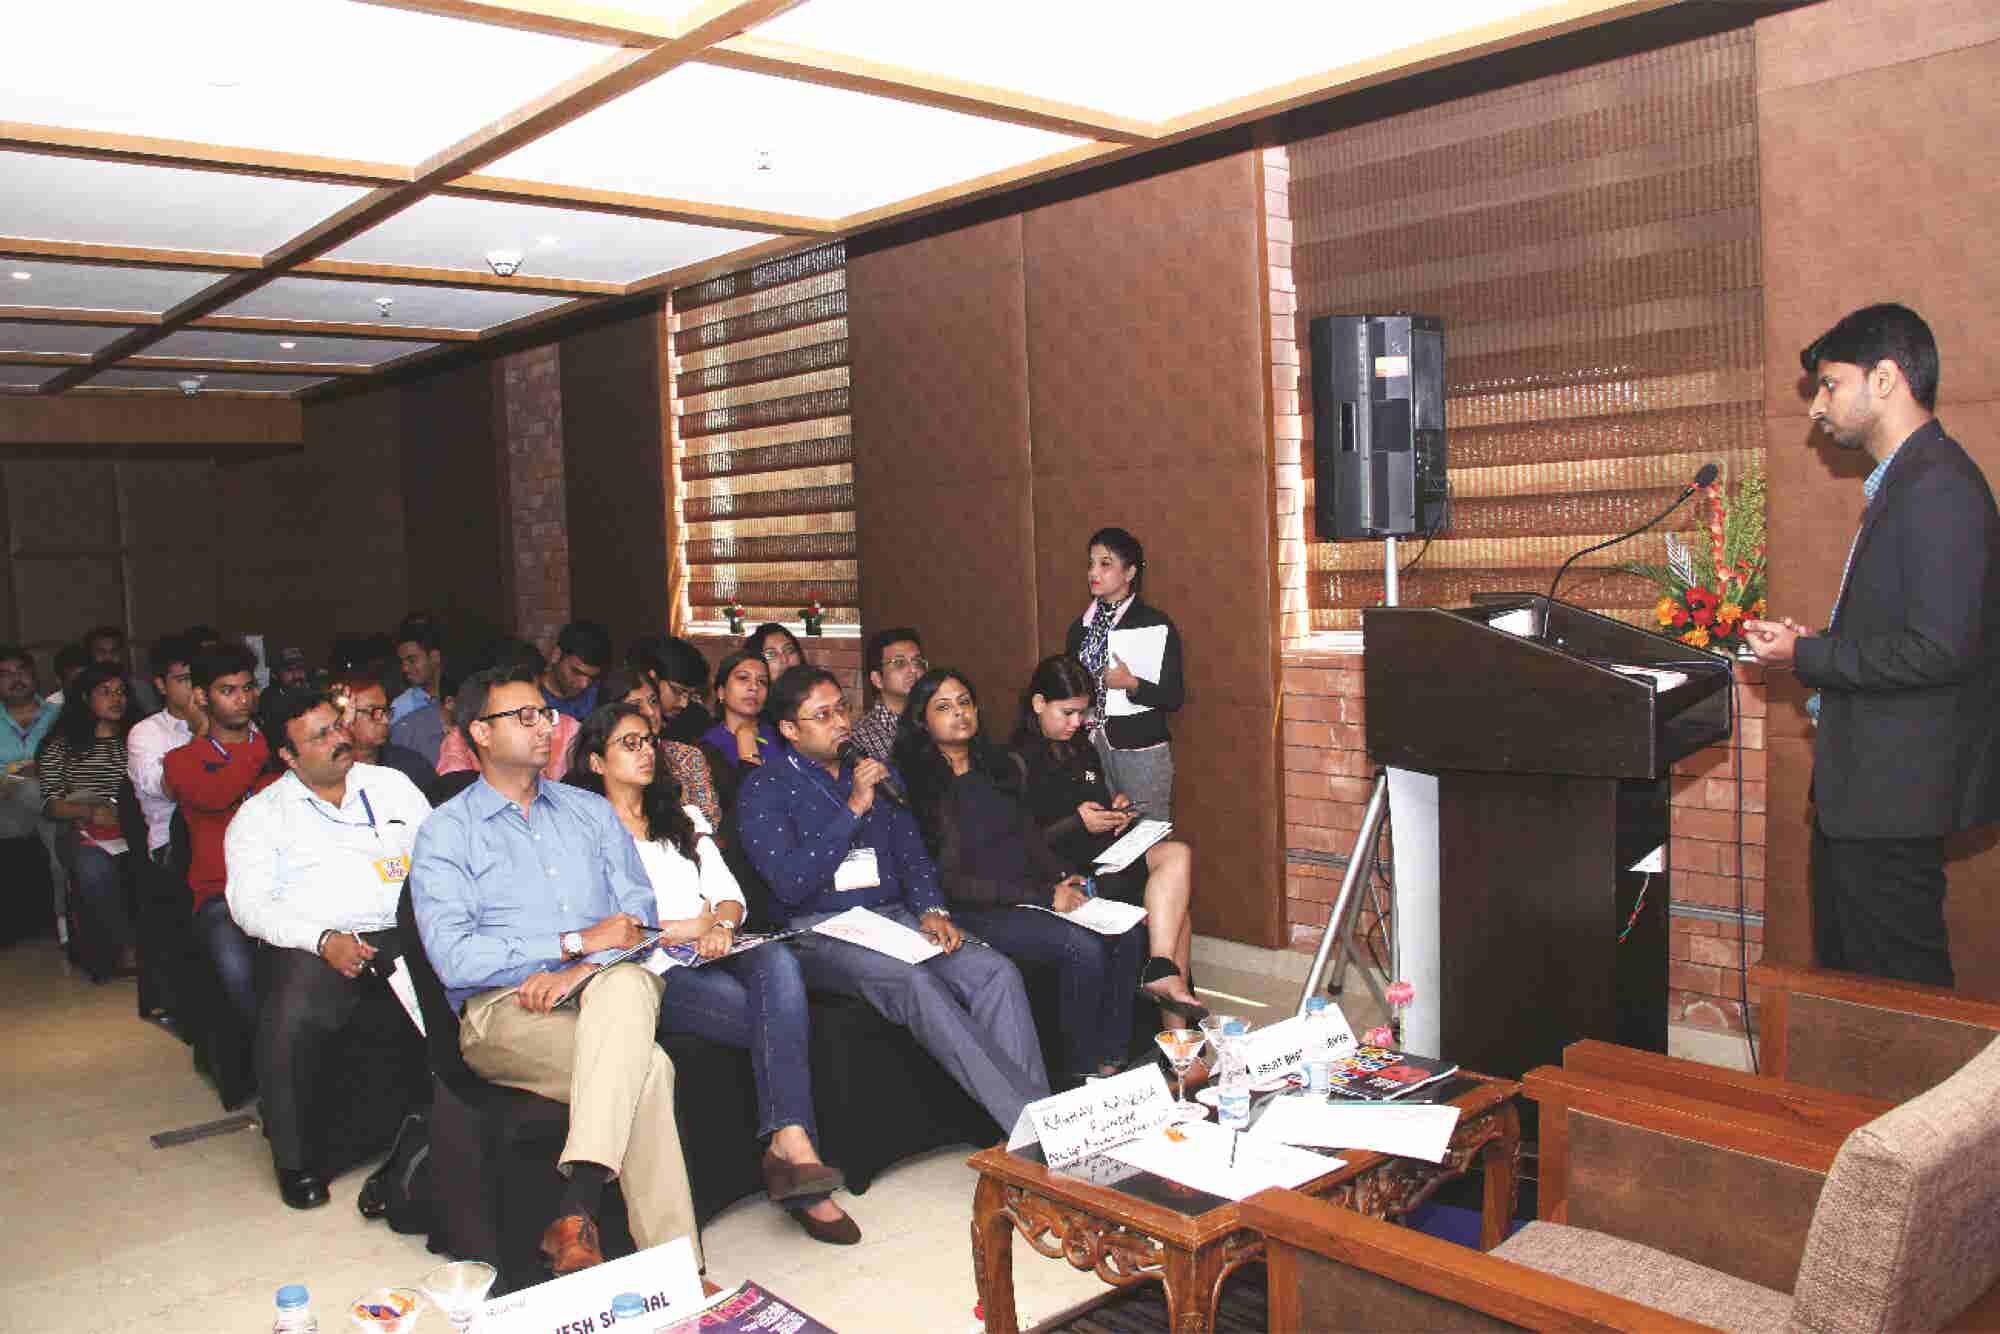 Start-ups Chant 'Visibility' Mantra At Kickoff Kolkata